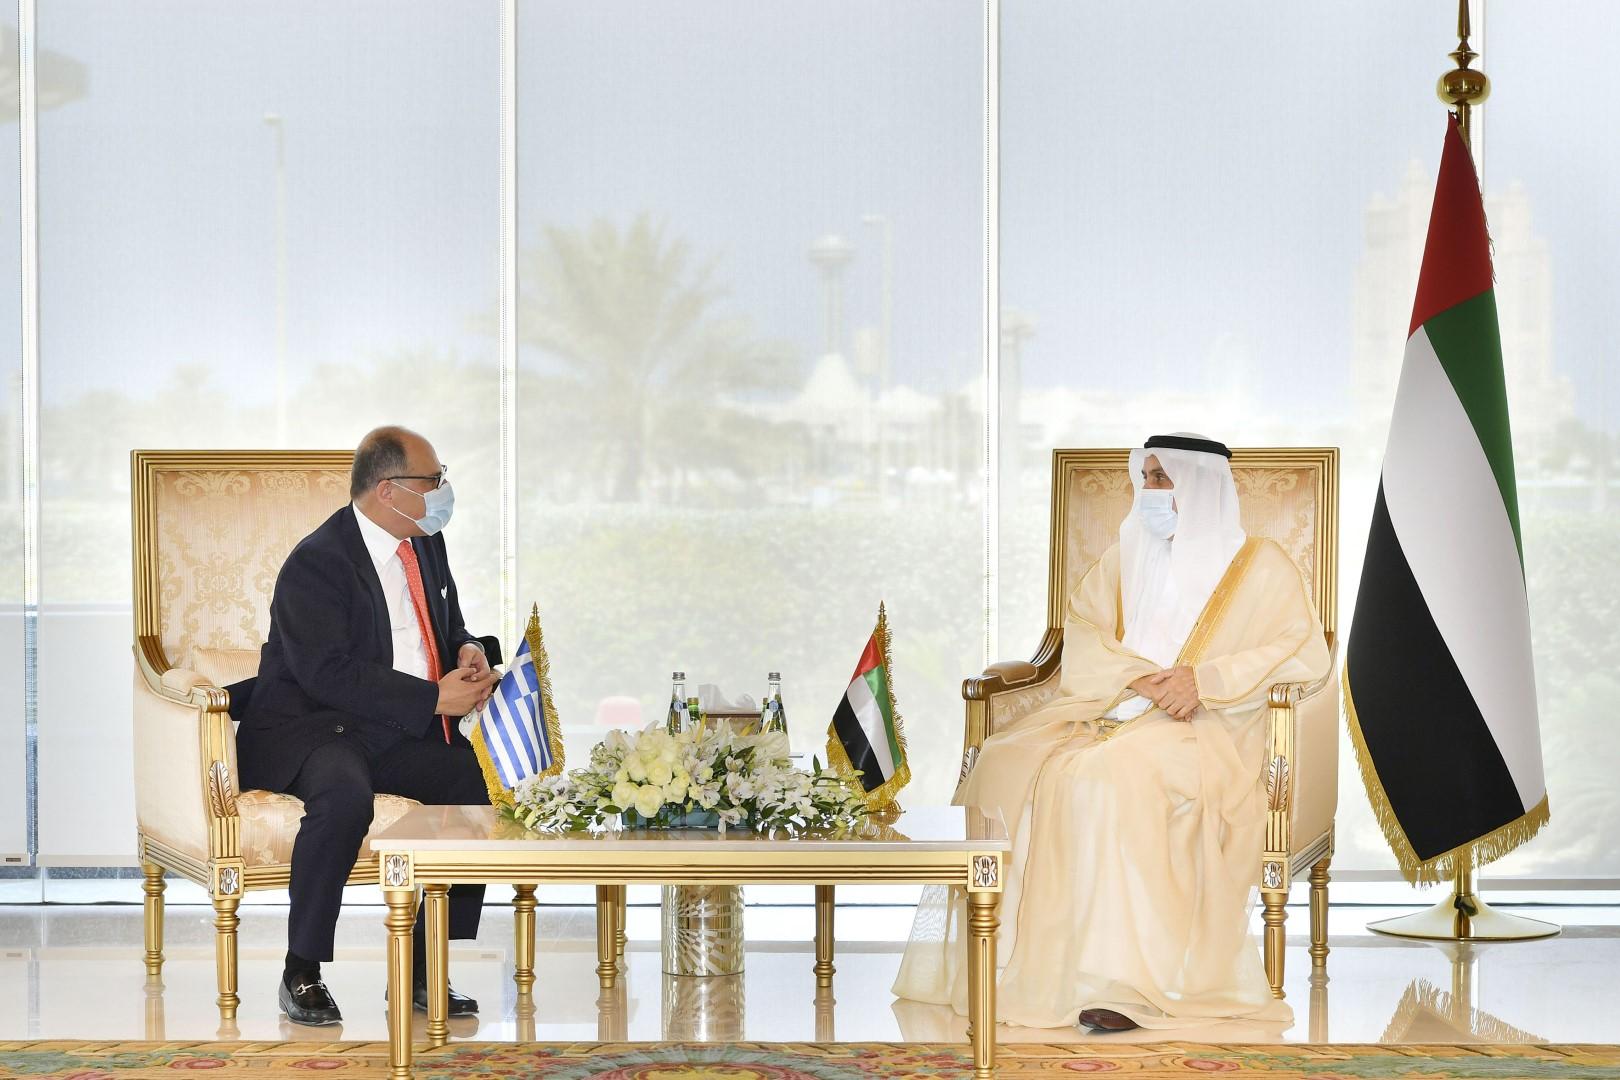 صقر غباش يبحث مع سفراء اليونان والهند ولوكسمبورغ وموزمبيق وألبانيا سبل تعزيز التعاون البرلماني